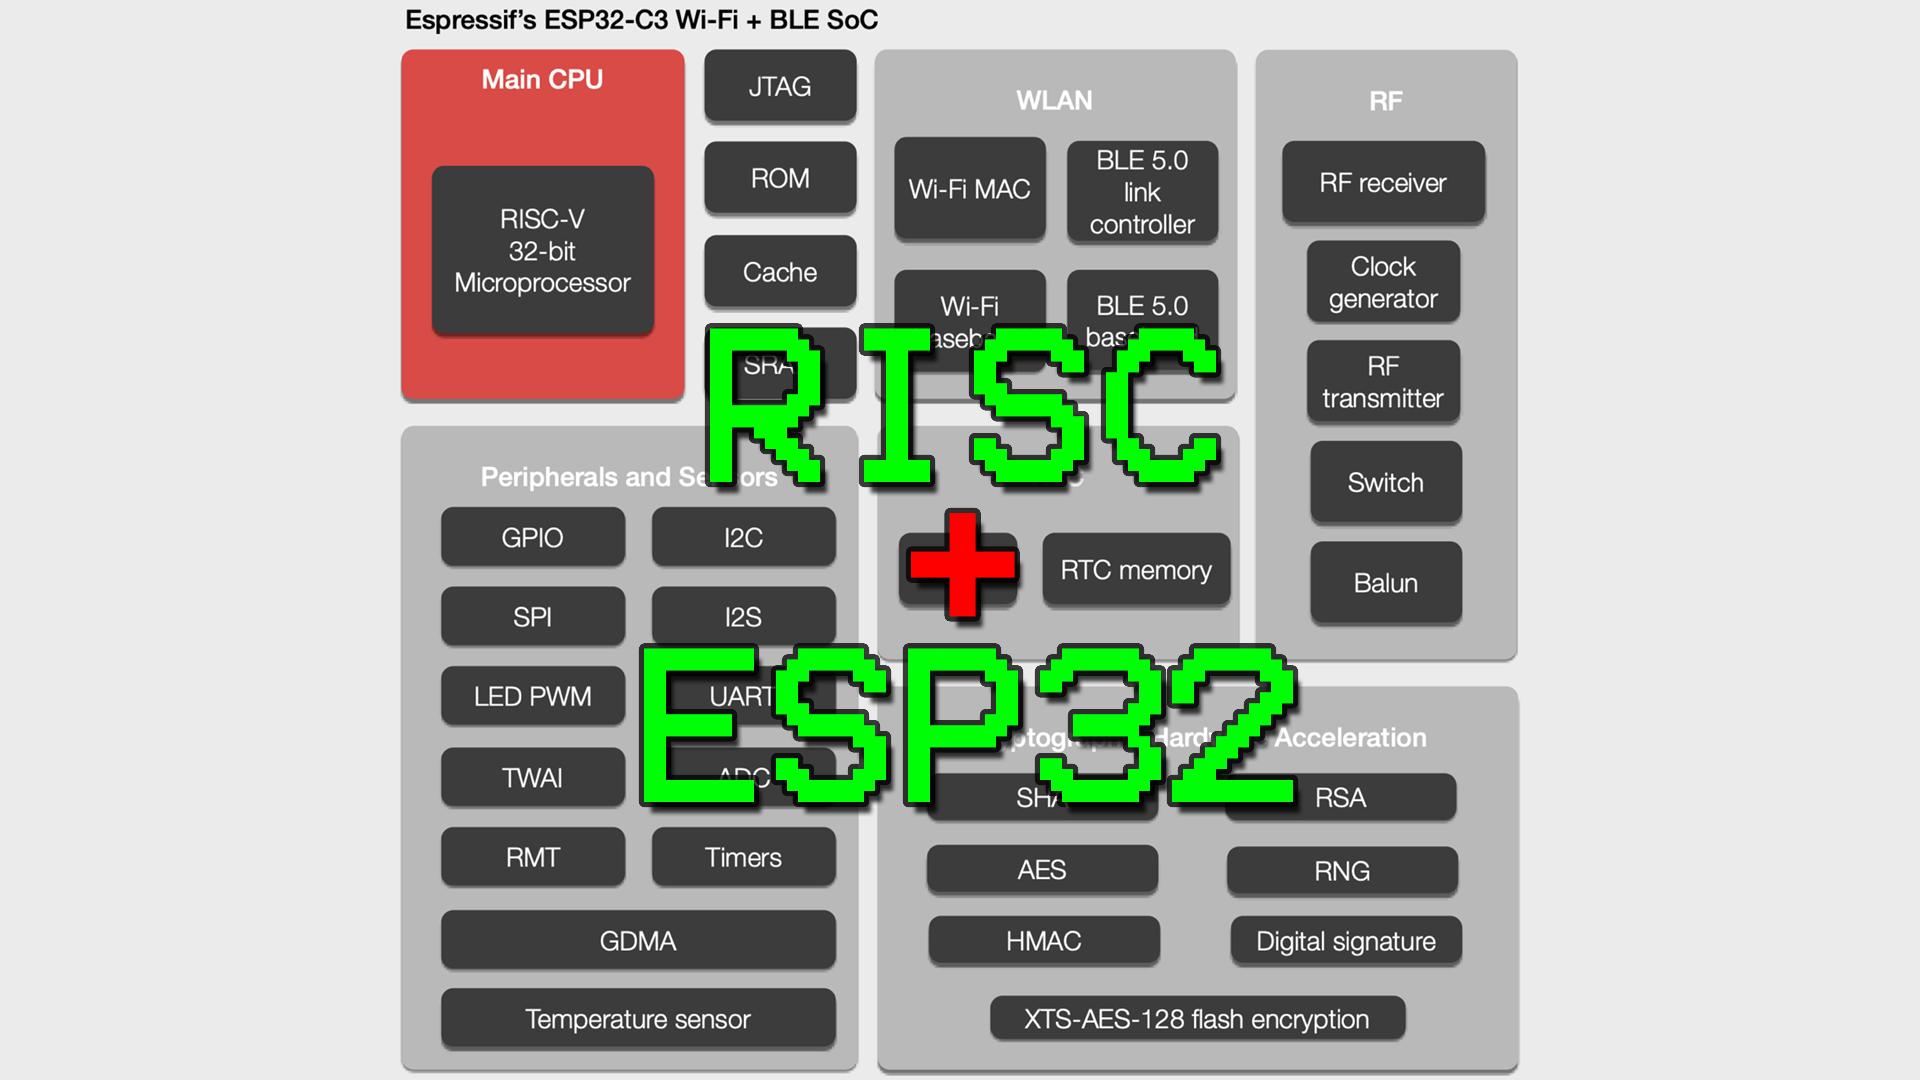 ESP32-C3